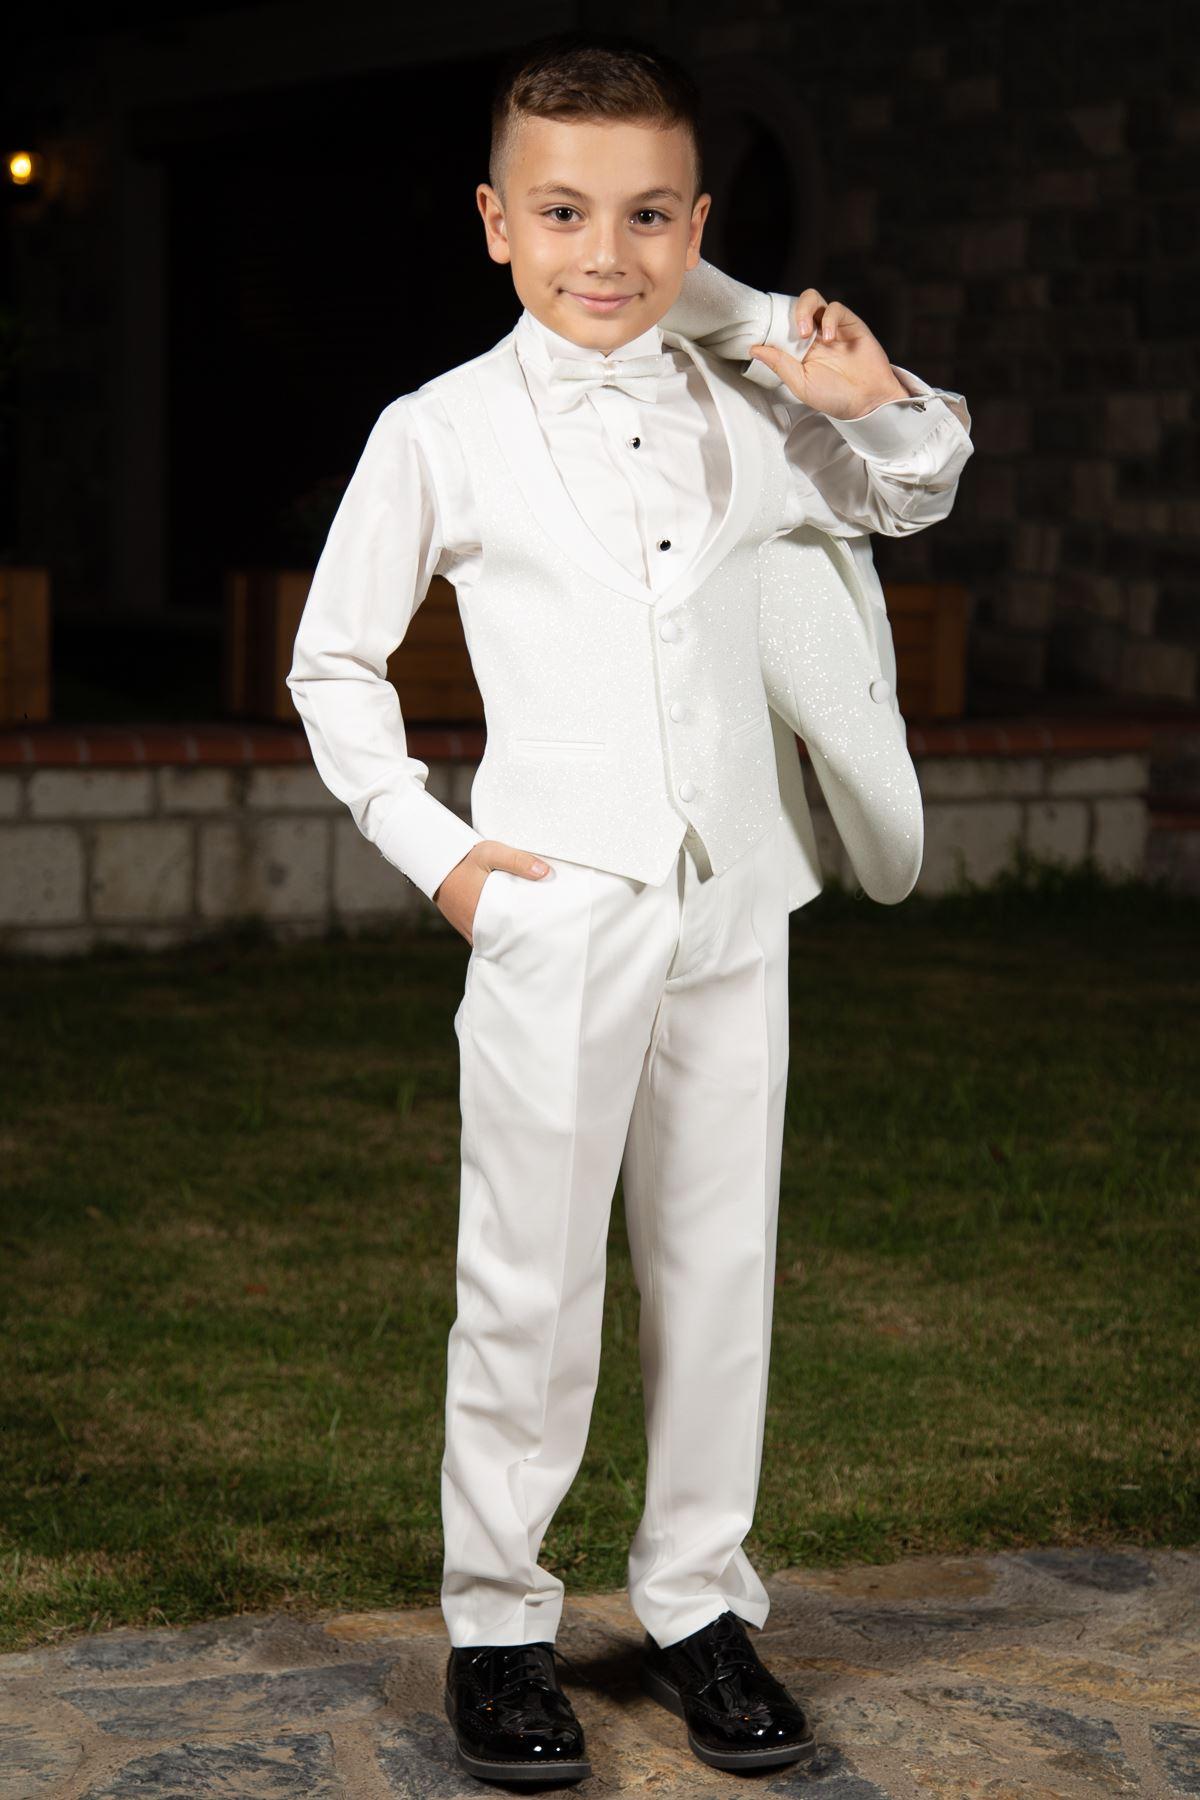 Tela plateada, cuello chal extraíble, conjunto completo 4 piezas niño traje especial 181 marfil